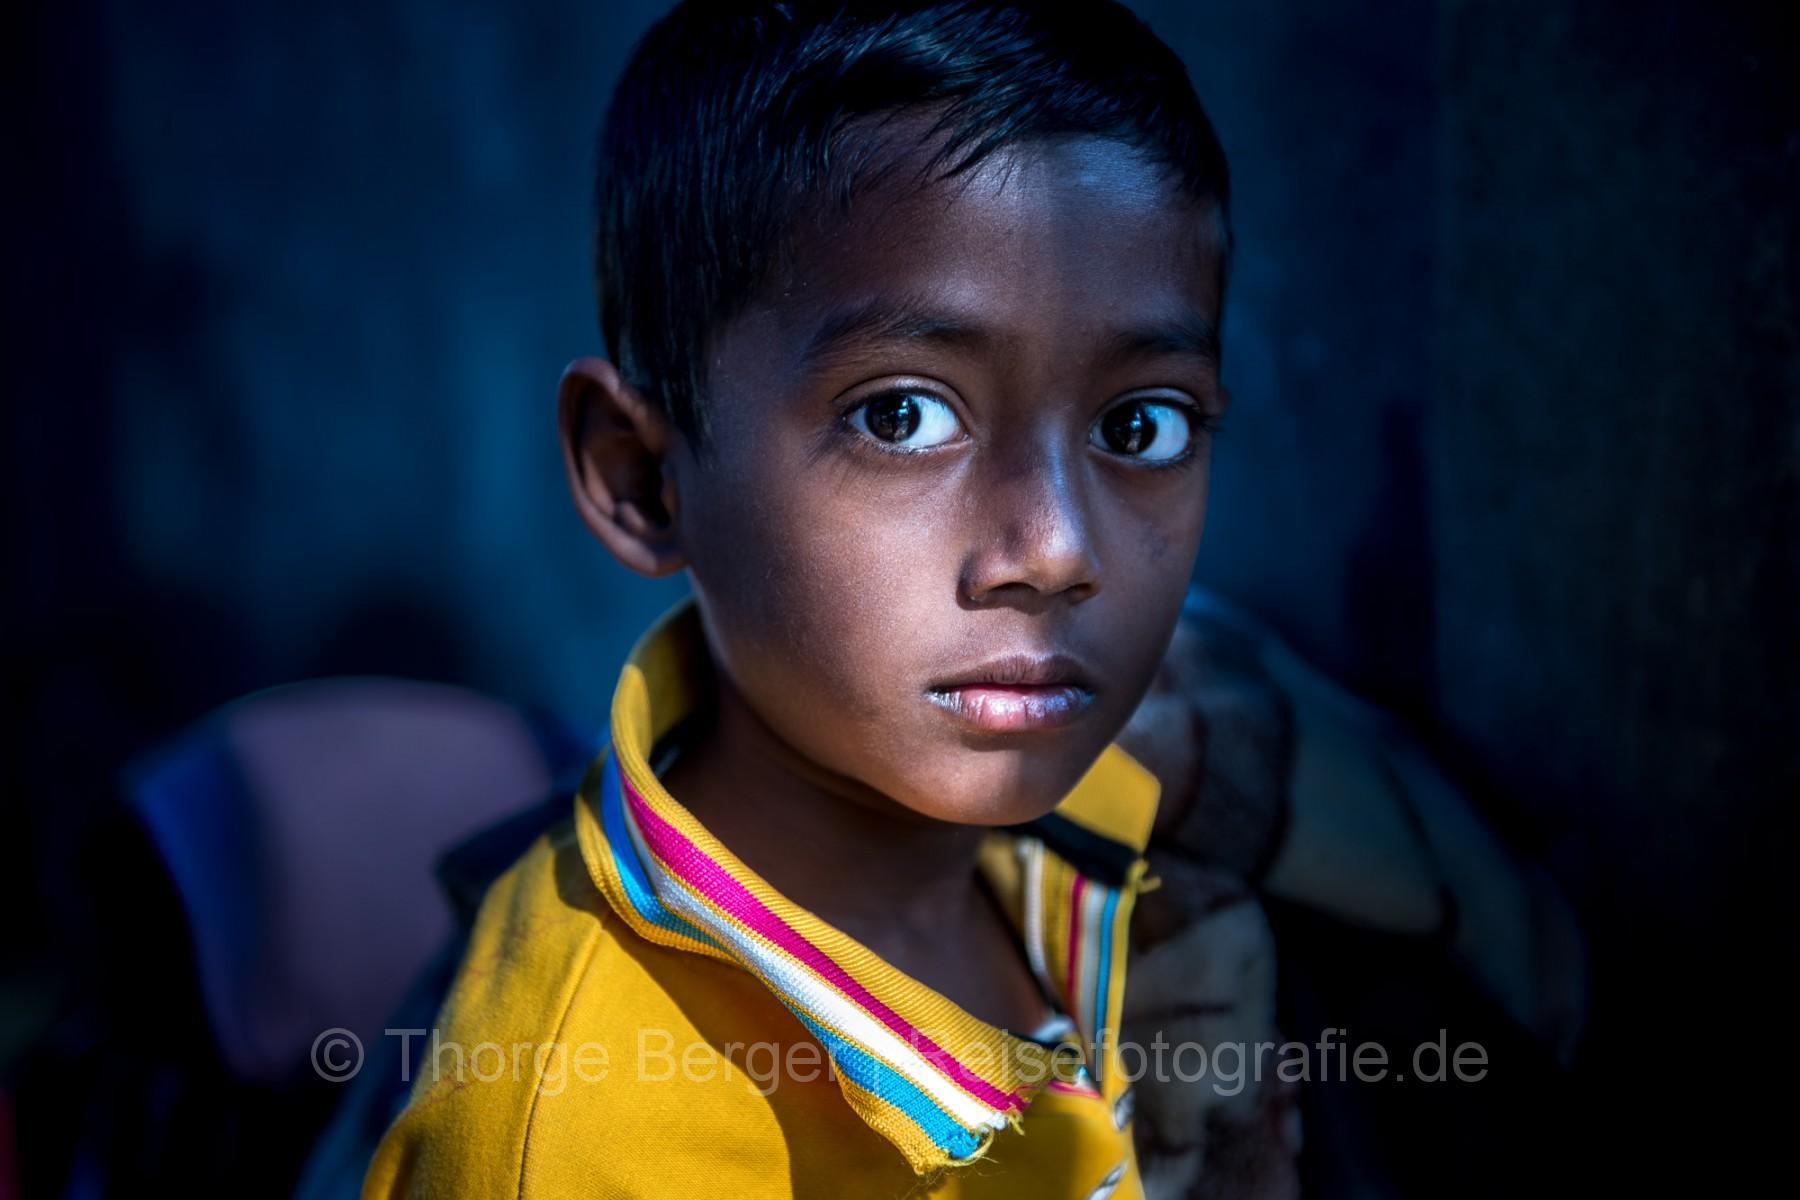 Boy in Kolkata